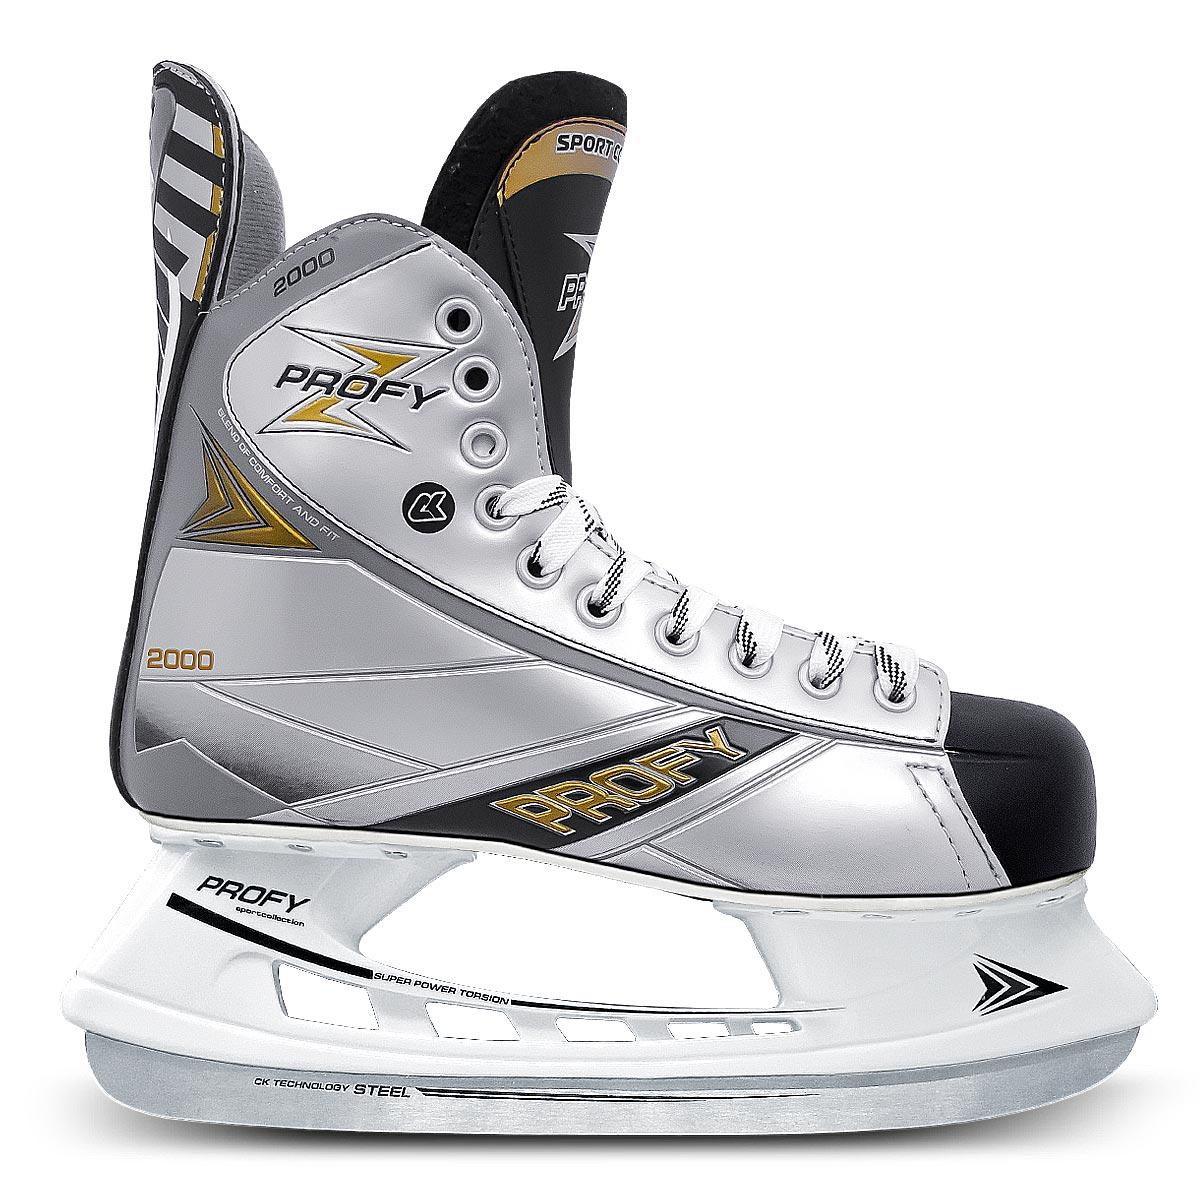 Коньки хоккейные мужские СК Profy Z 2000, цвет: черный, серый. Размер 40